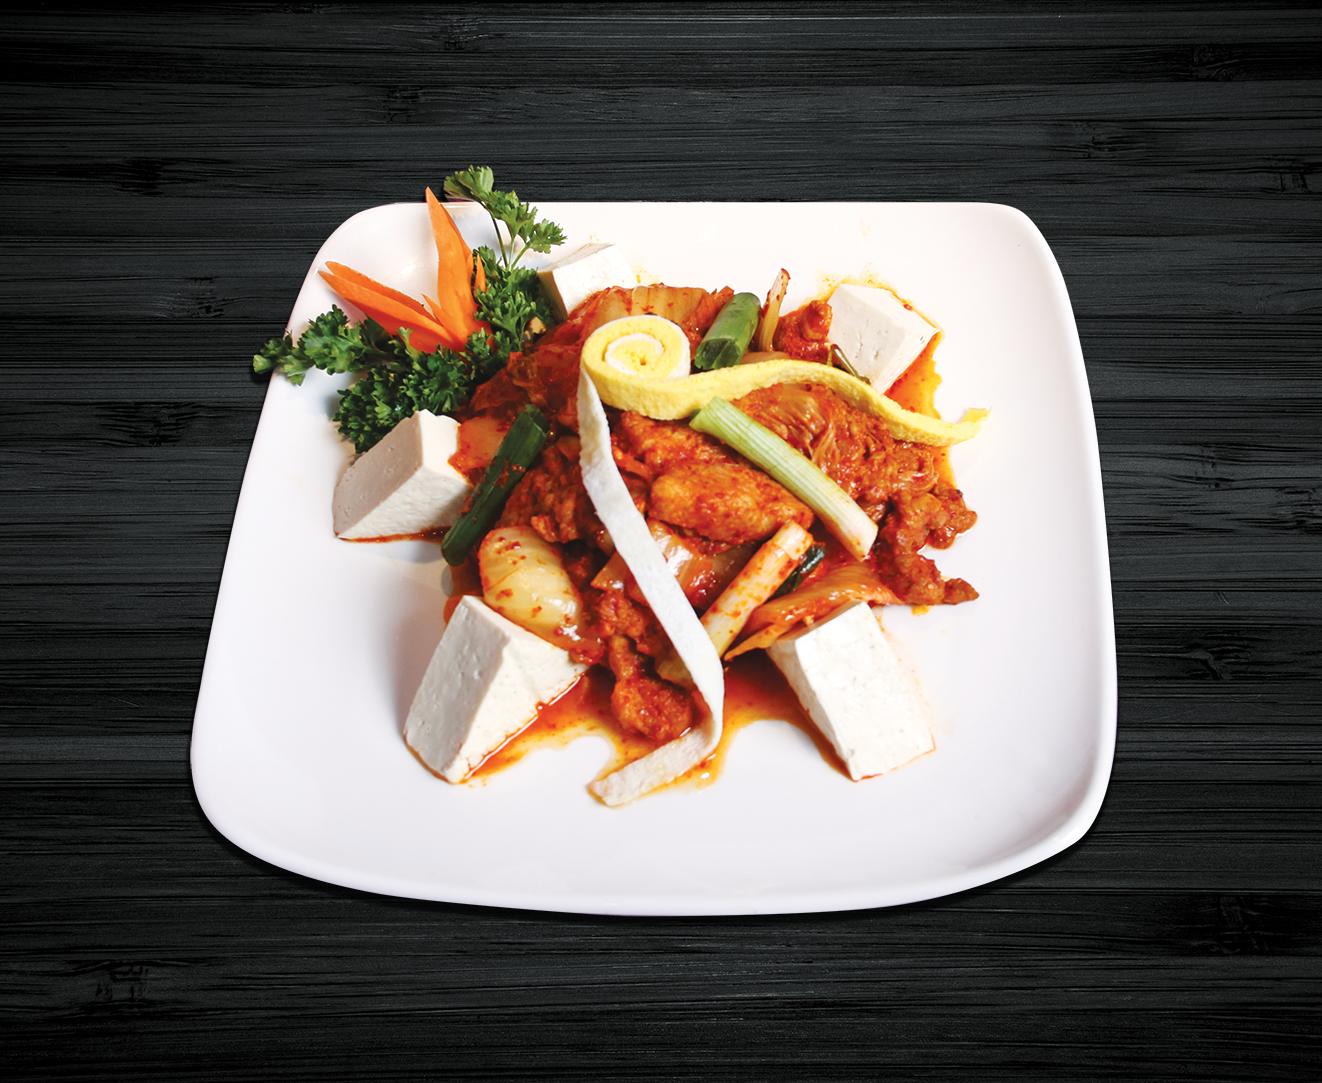 Kimchi and Stir-fried Pork & Tofu